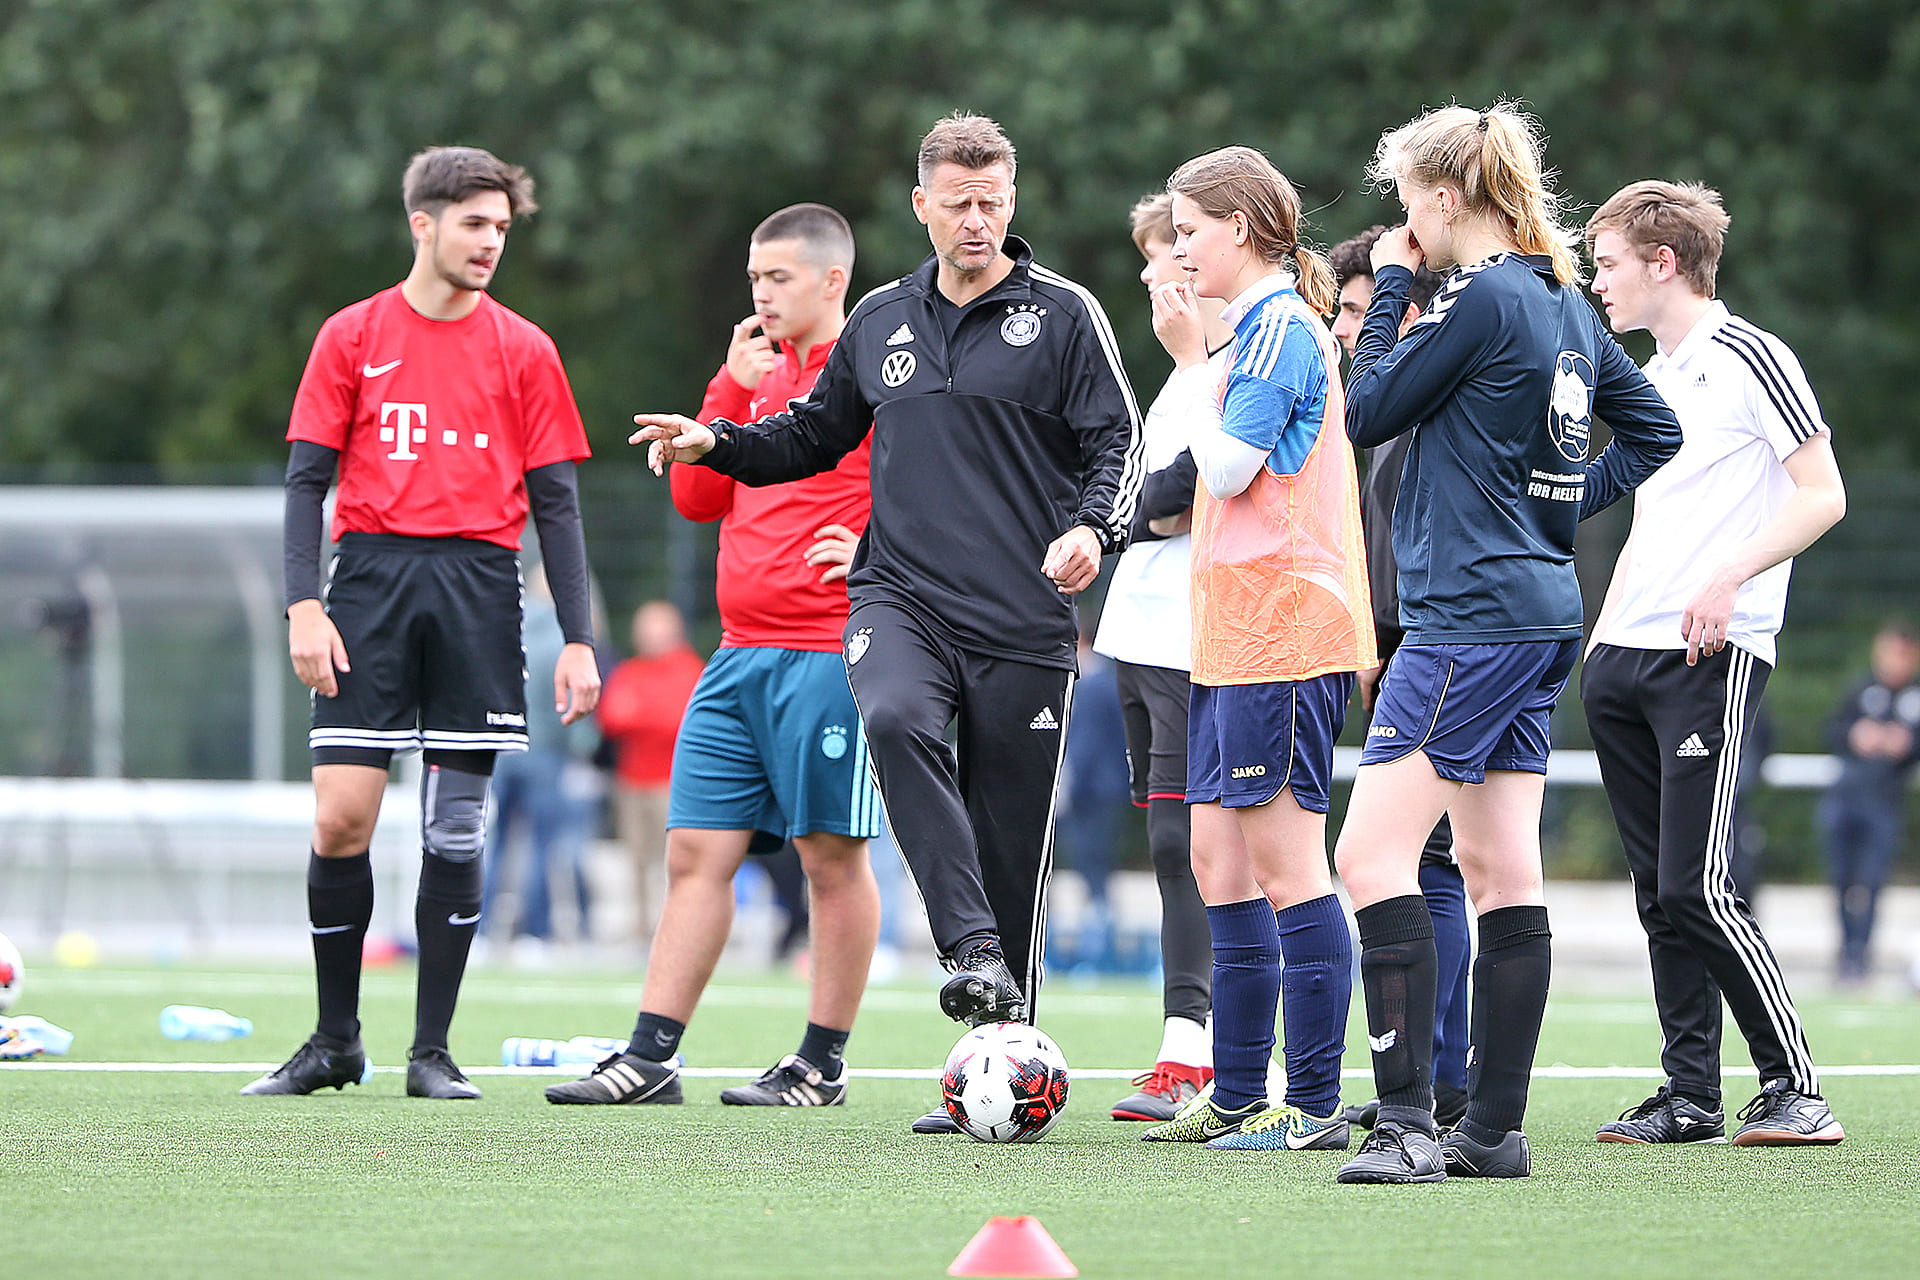 ライセンス制度から費用面まで。ドイツサッカー指導者養成の変遷 ...